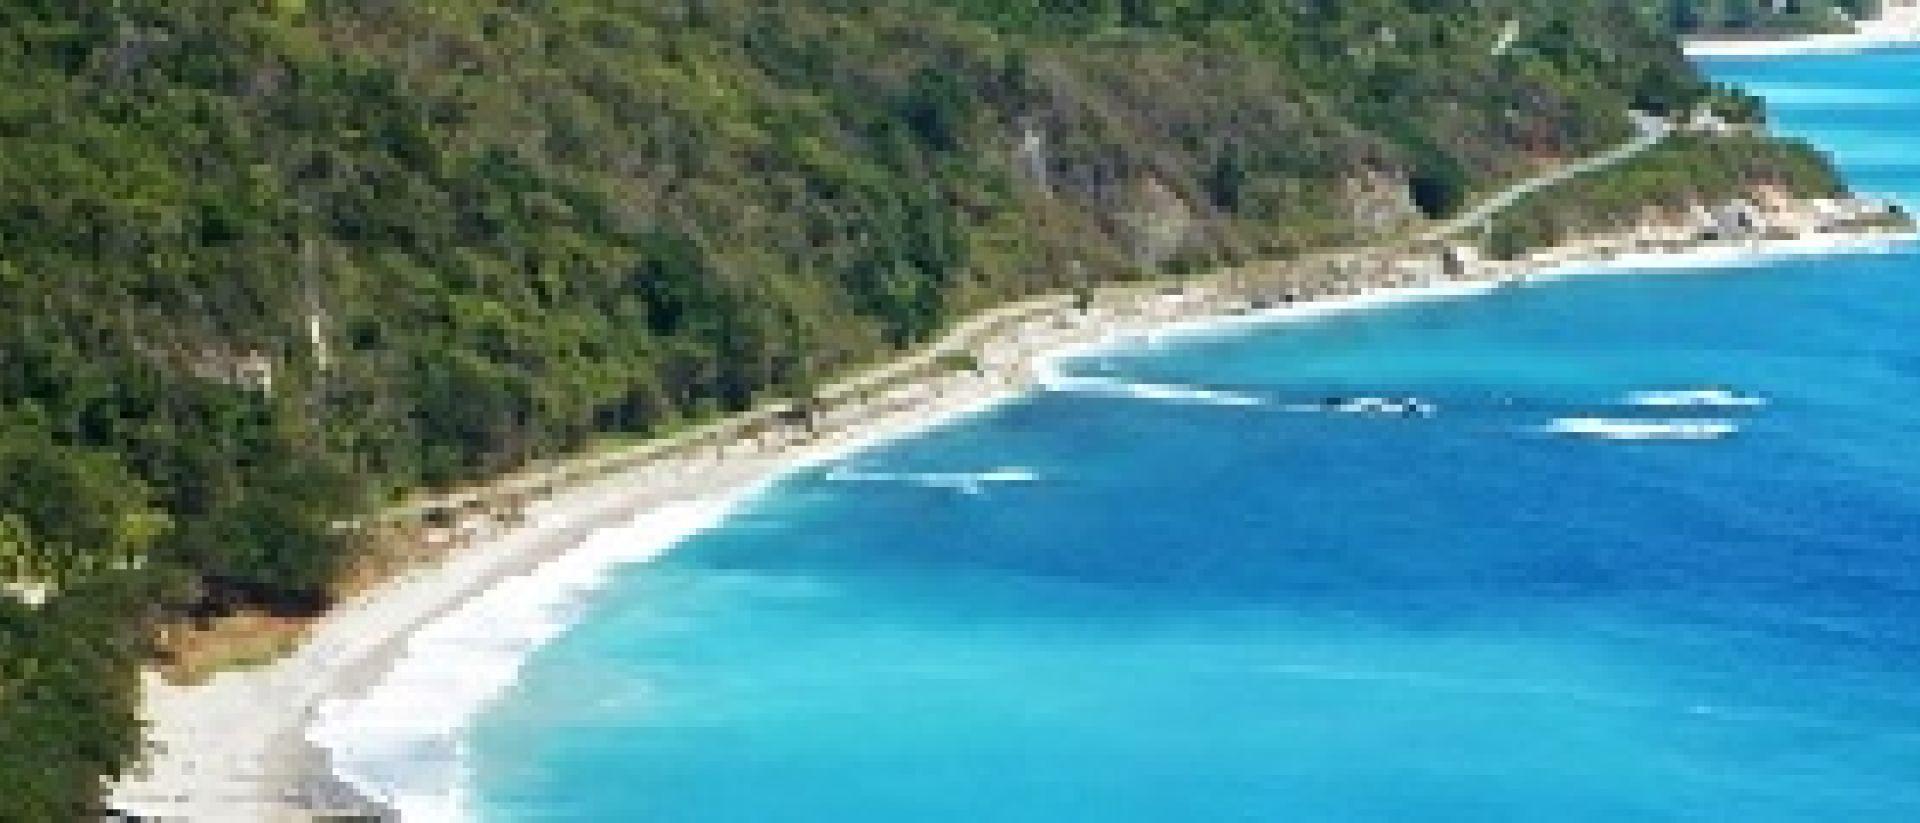 Dominicana recibe más de 5,5M de turistas